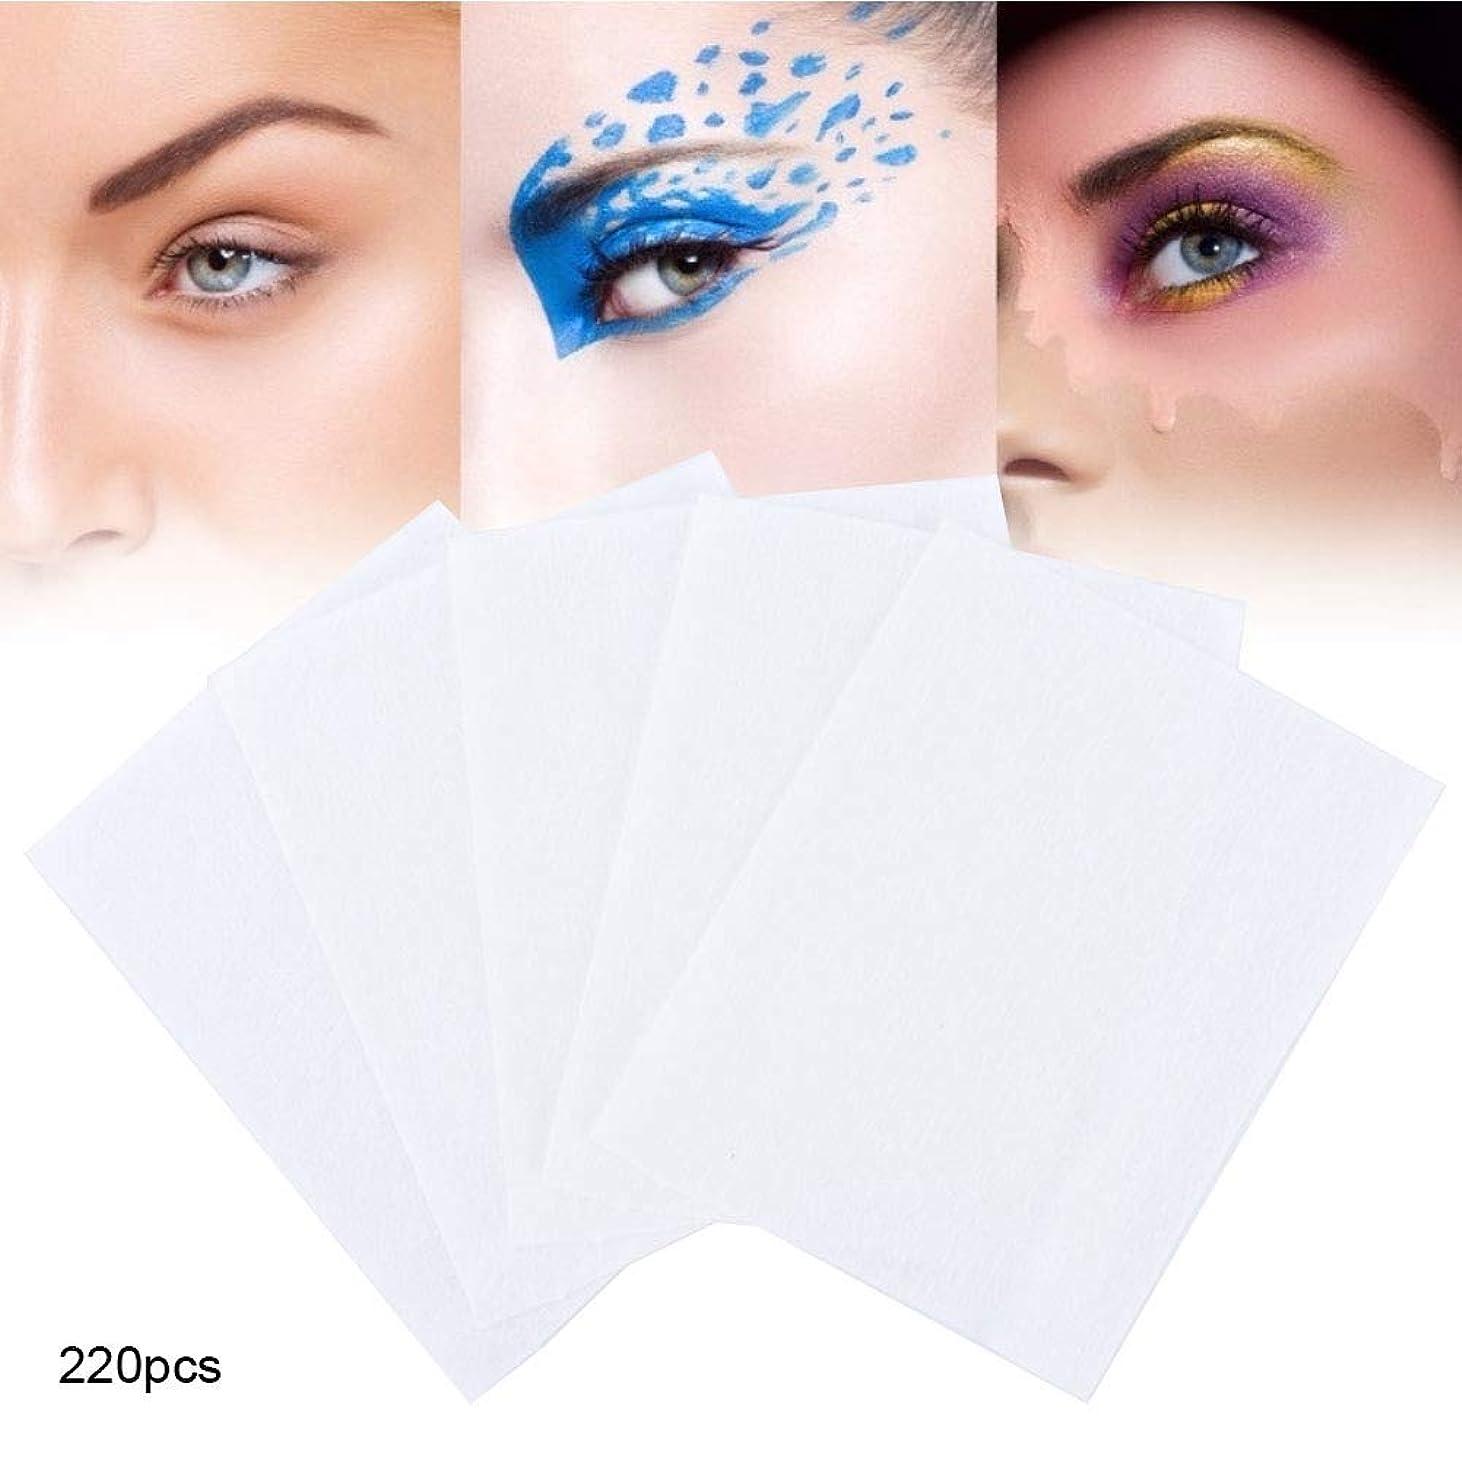 アクセシブルによってアート220枚 化粧コットンパッド 化粧の除去とスキンケアのための使い捨てフェイシャルワイプタオル